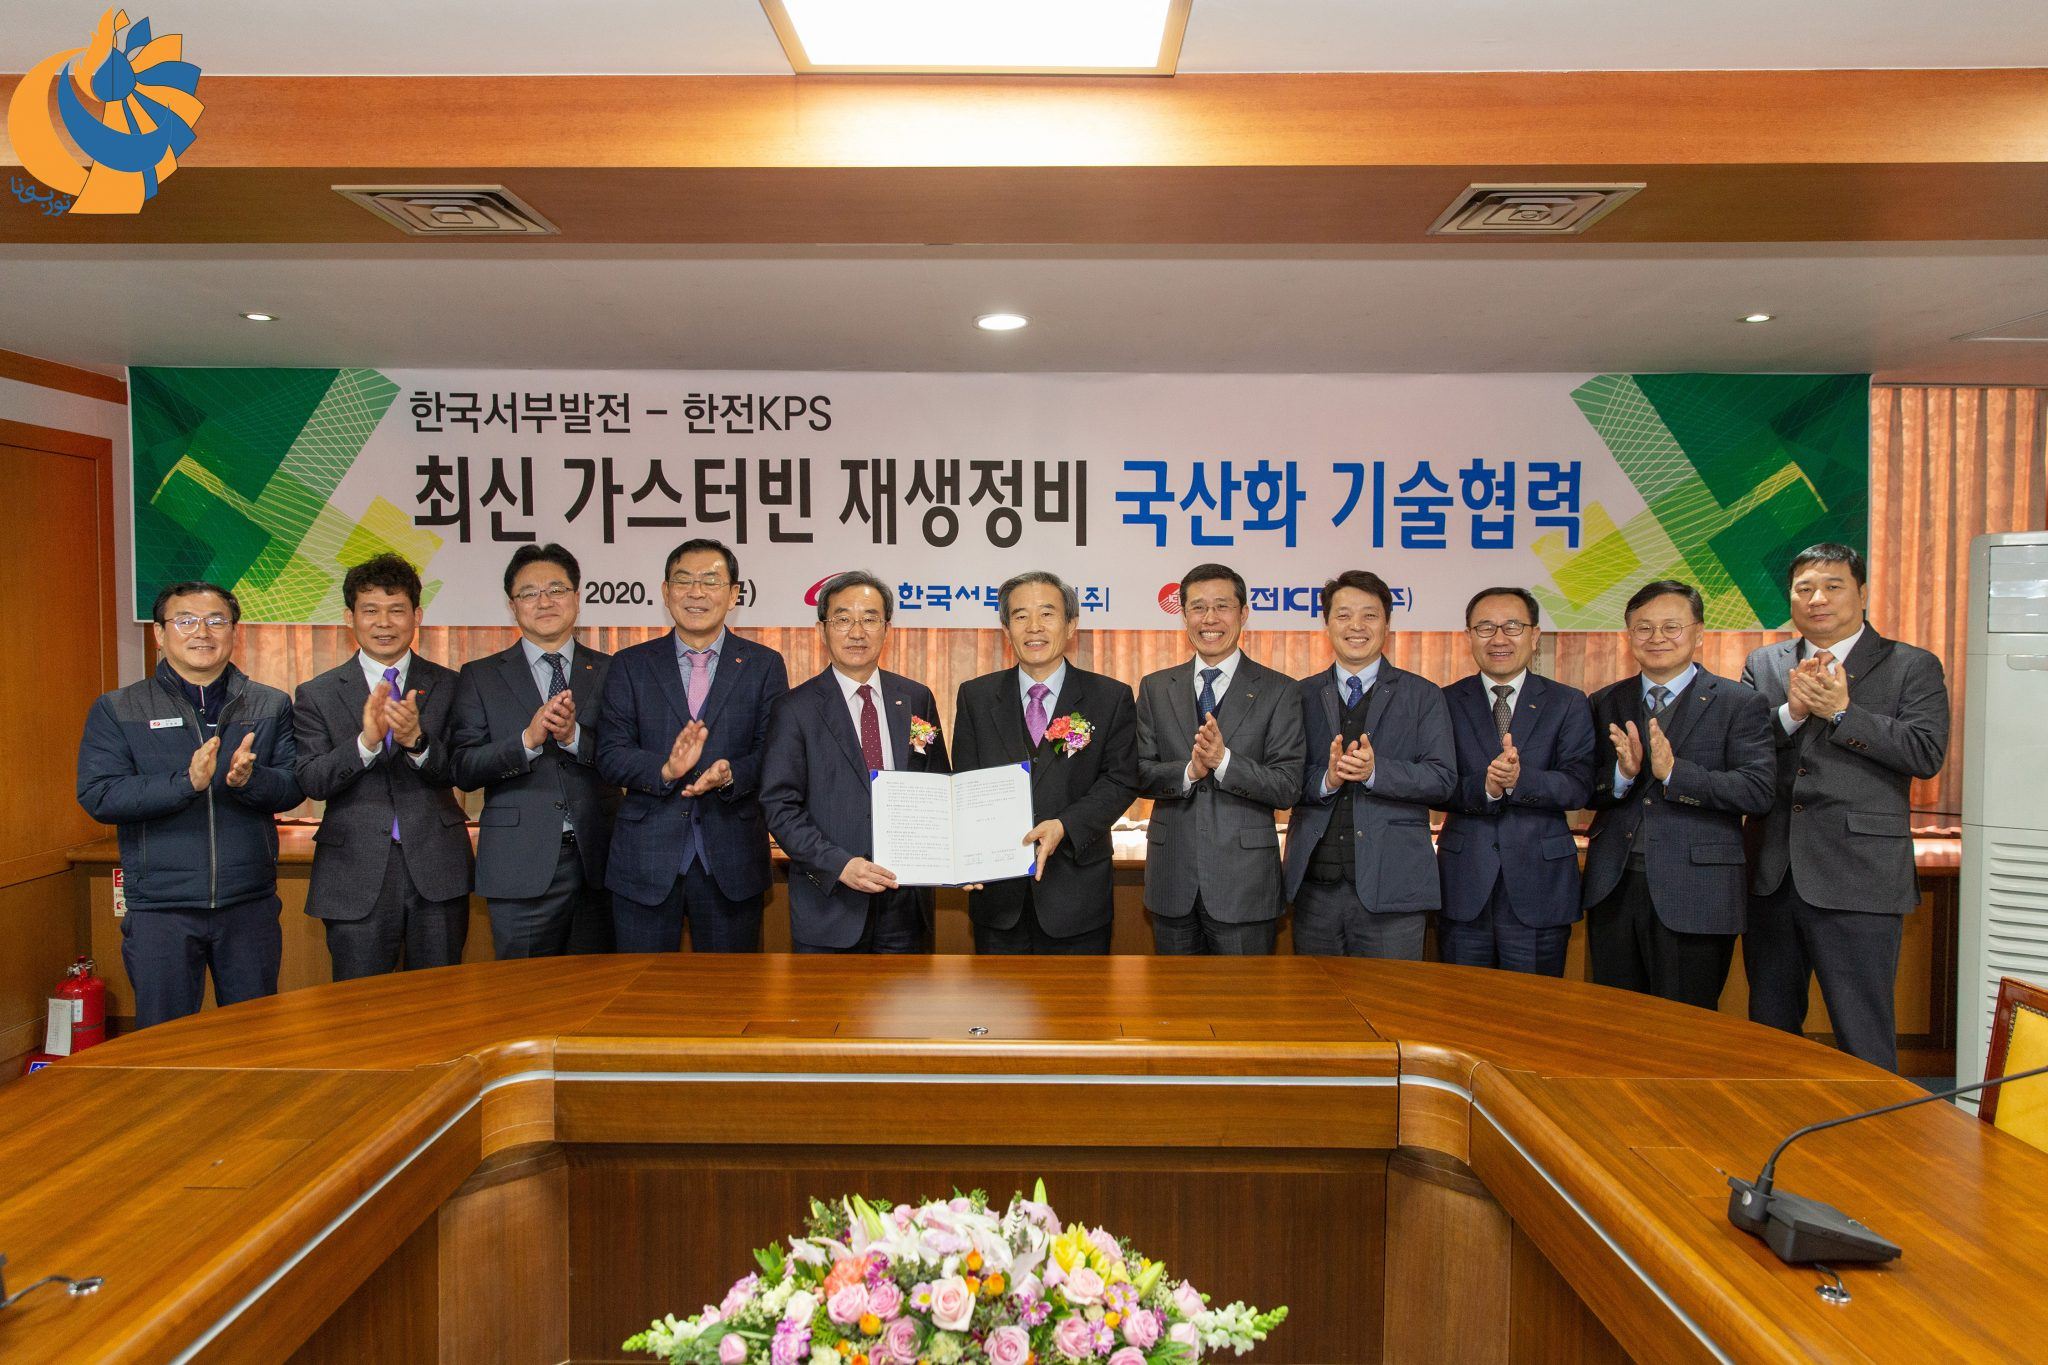 عزم جزم کره جنوبی در بومیسازی تولید قطعات توربین گاز